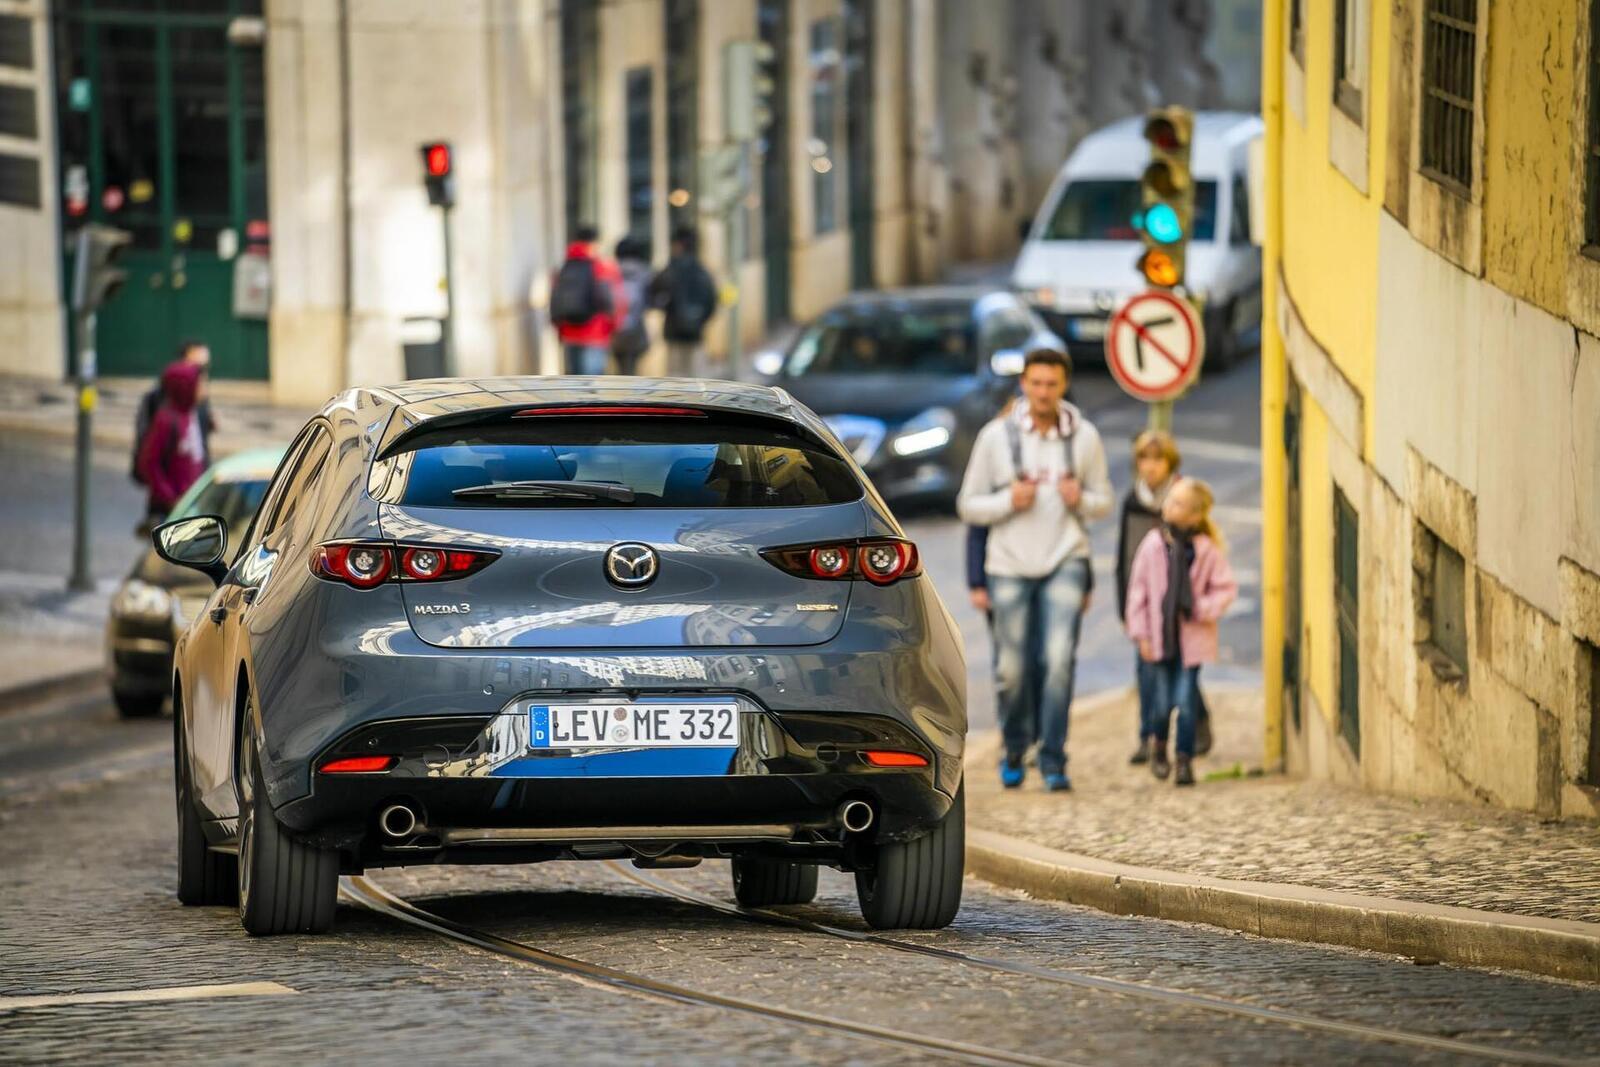 Mazda3 thế hệ mới chốt lịch ra mắt tại Malaysia vào tháng sau; giá dự kiến từ 764 triệu đồng - Hình 12